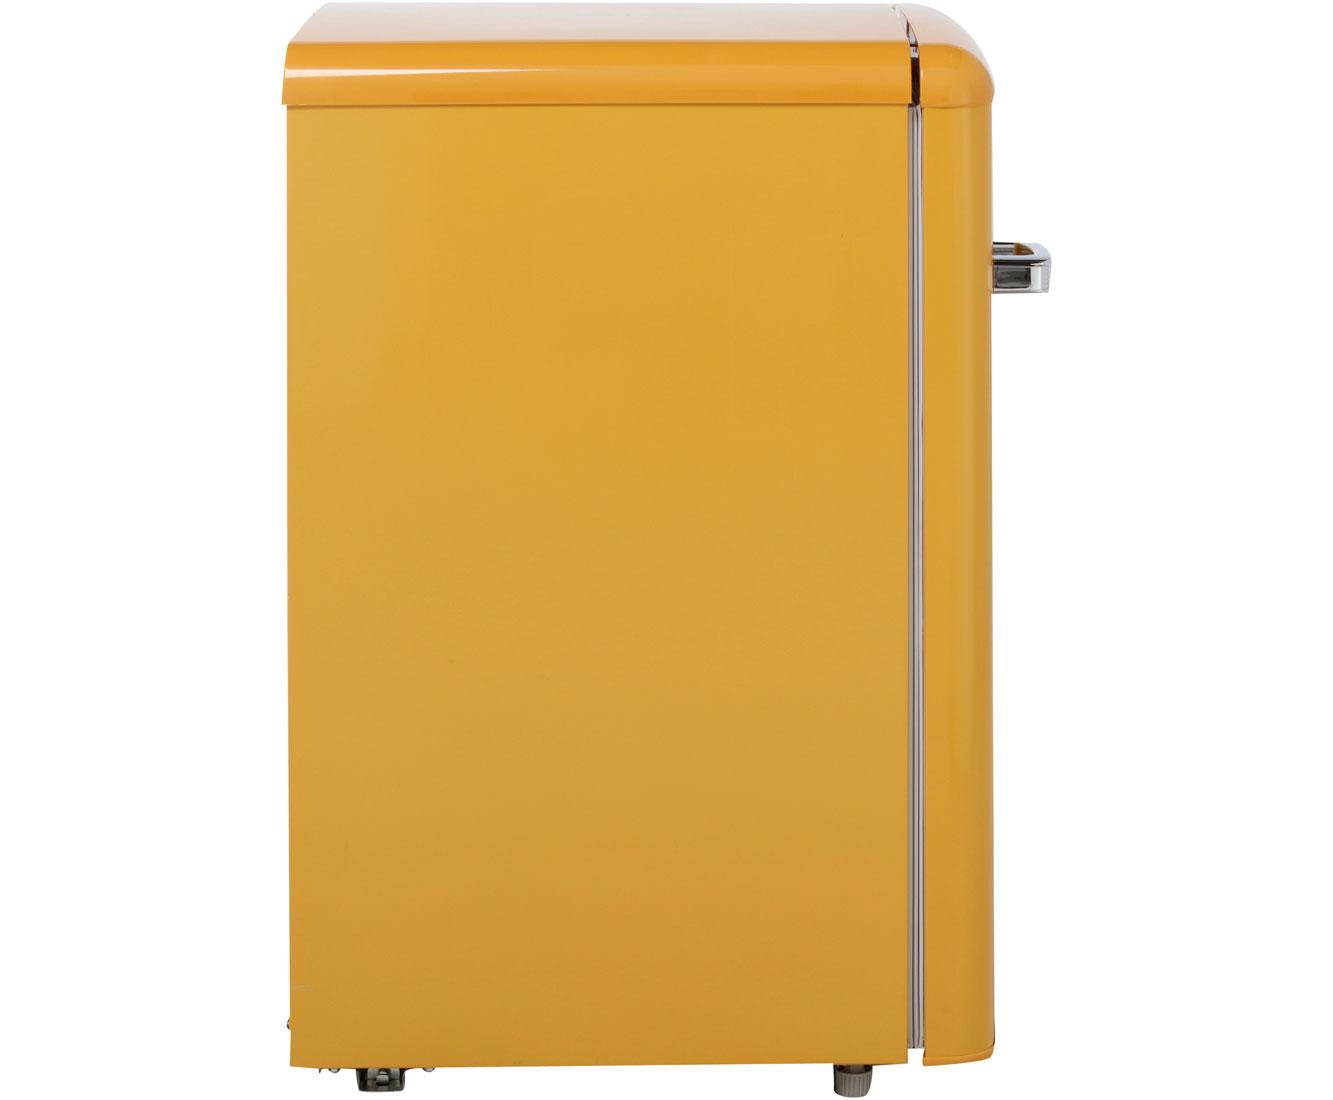 Amica Retro Kühlschrank Ohne Gefrierfach : Kühlschrank retro blau amica retro kühlschrank türkis blau